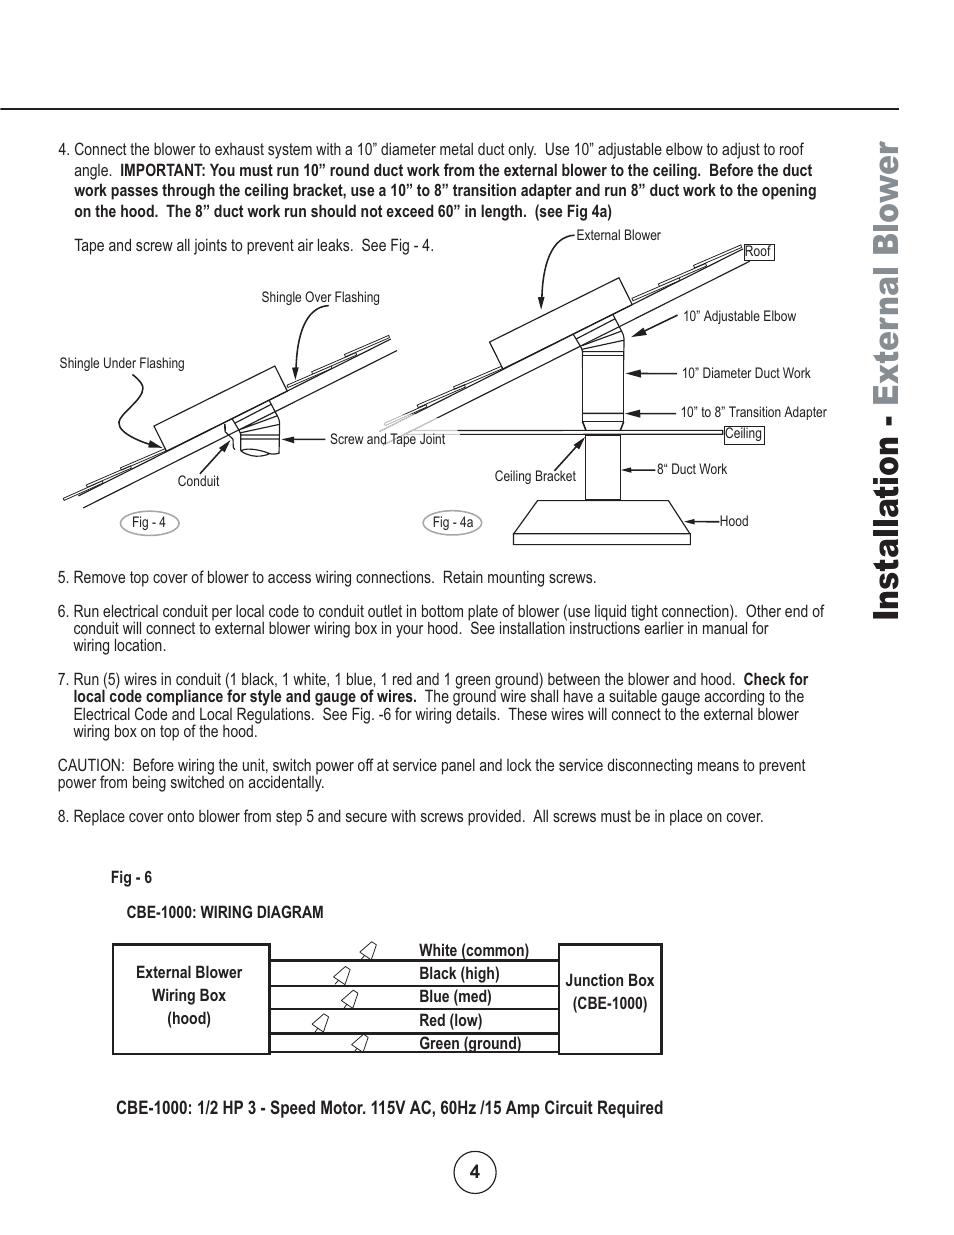 noi tal la ts ni re wol bl an re tx e zephyr cbe 1000 user manual rh manualsdir com Owner's Manual zephyr bioharness user manual